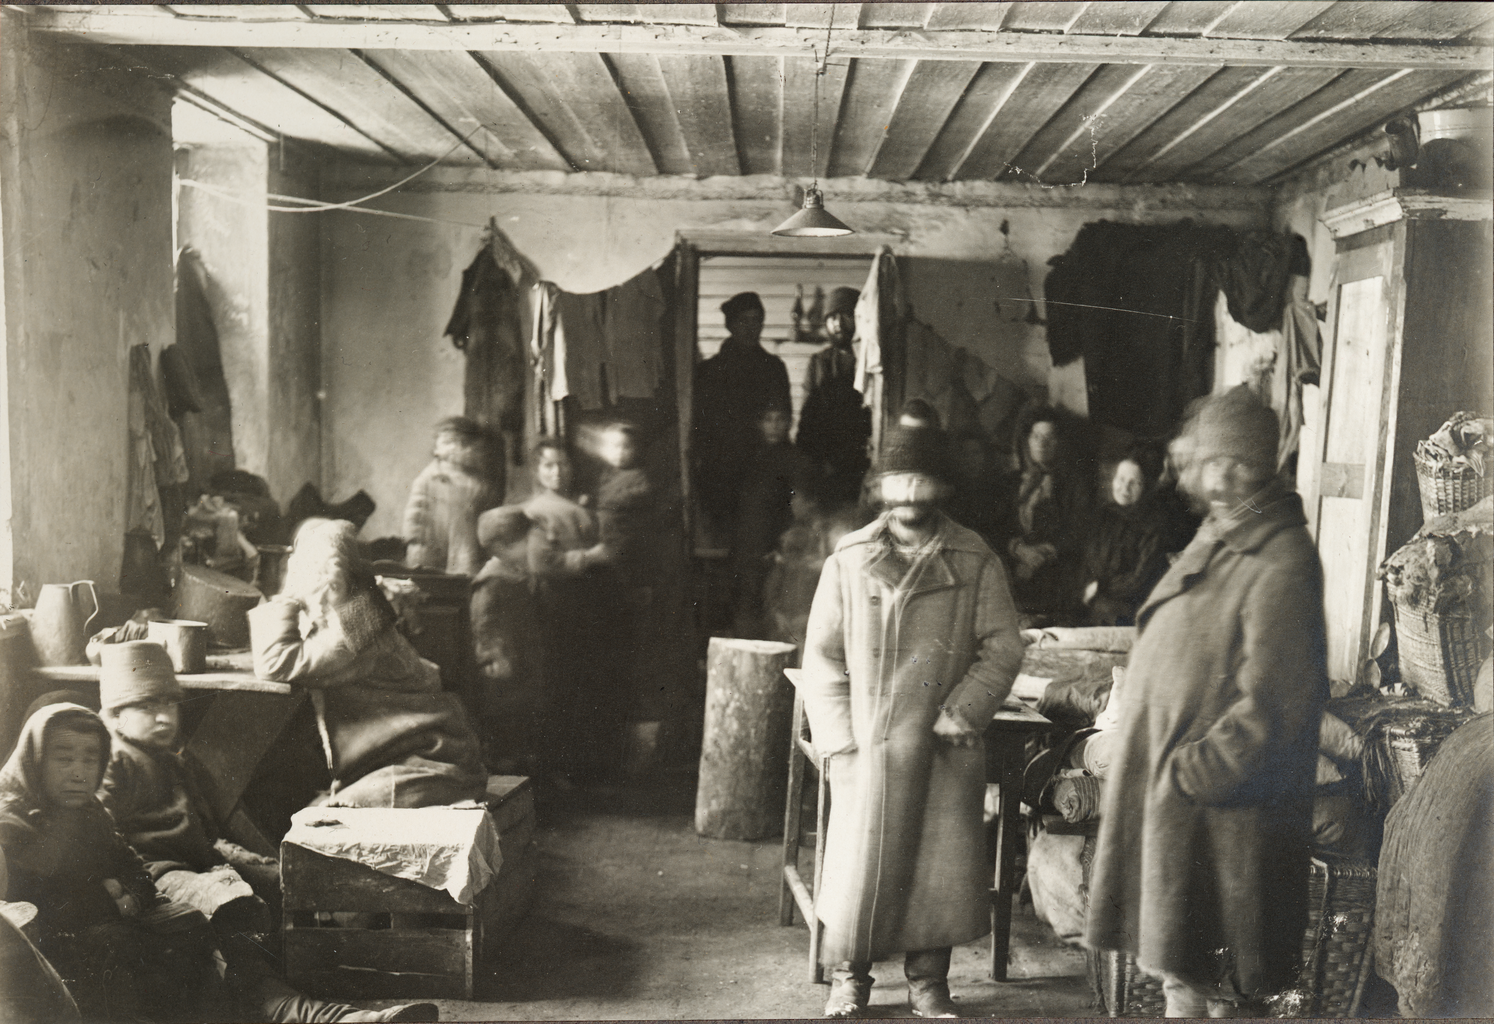 Переполненные помещения, в которых приходилось жить еврейским беженцам